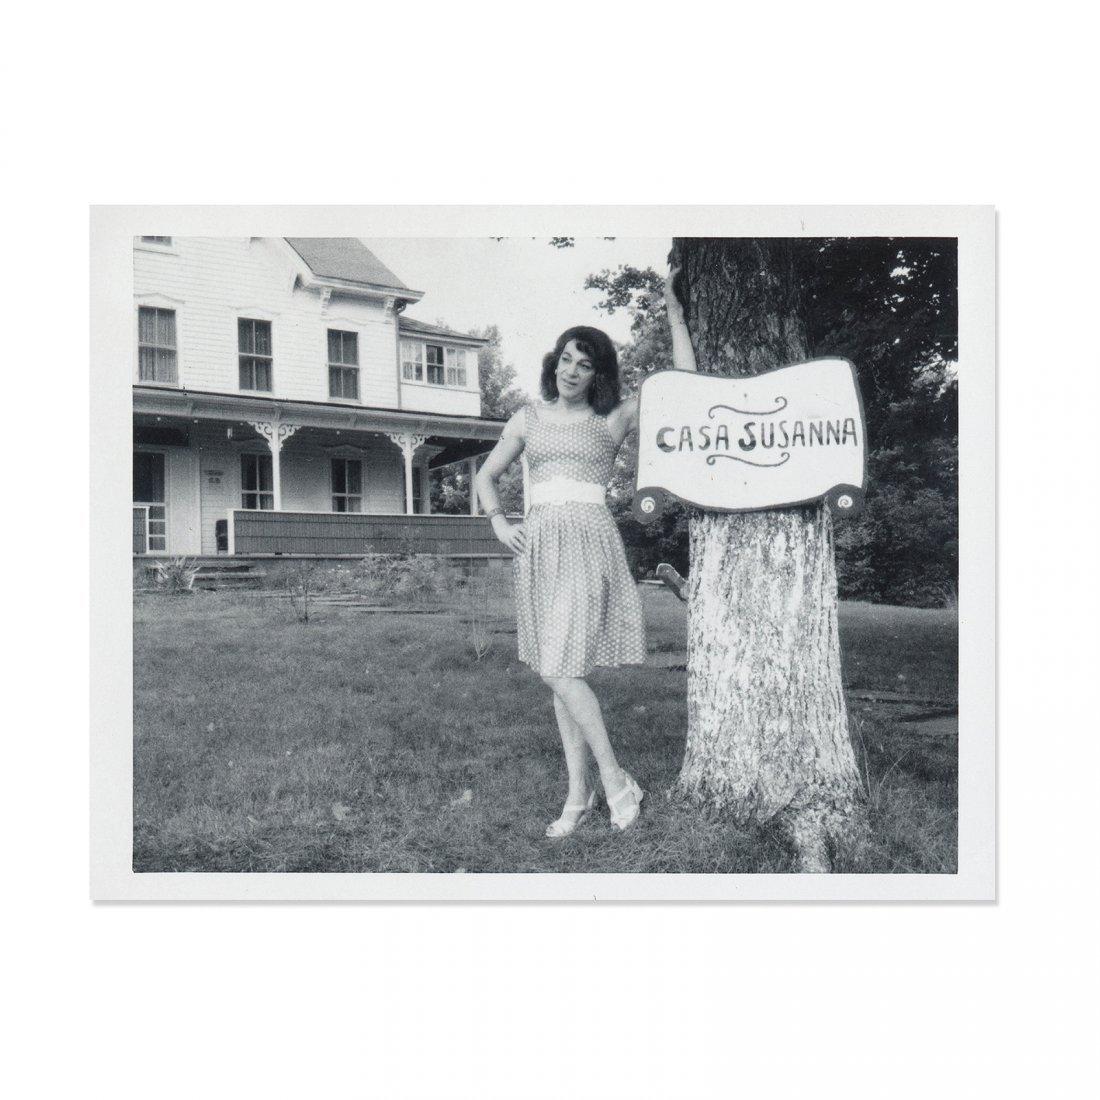 Casa Susanna a photographic archive of 340 vintage